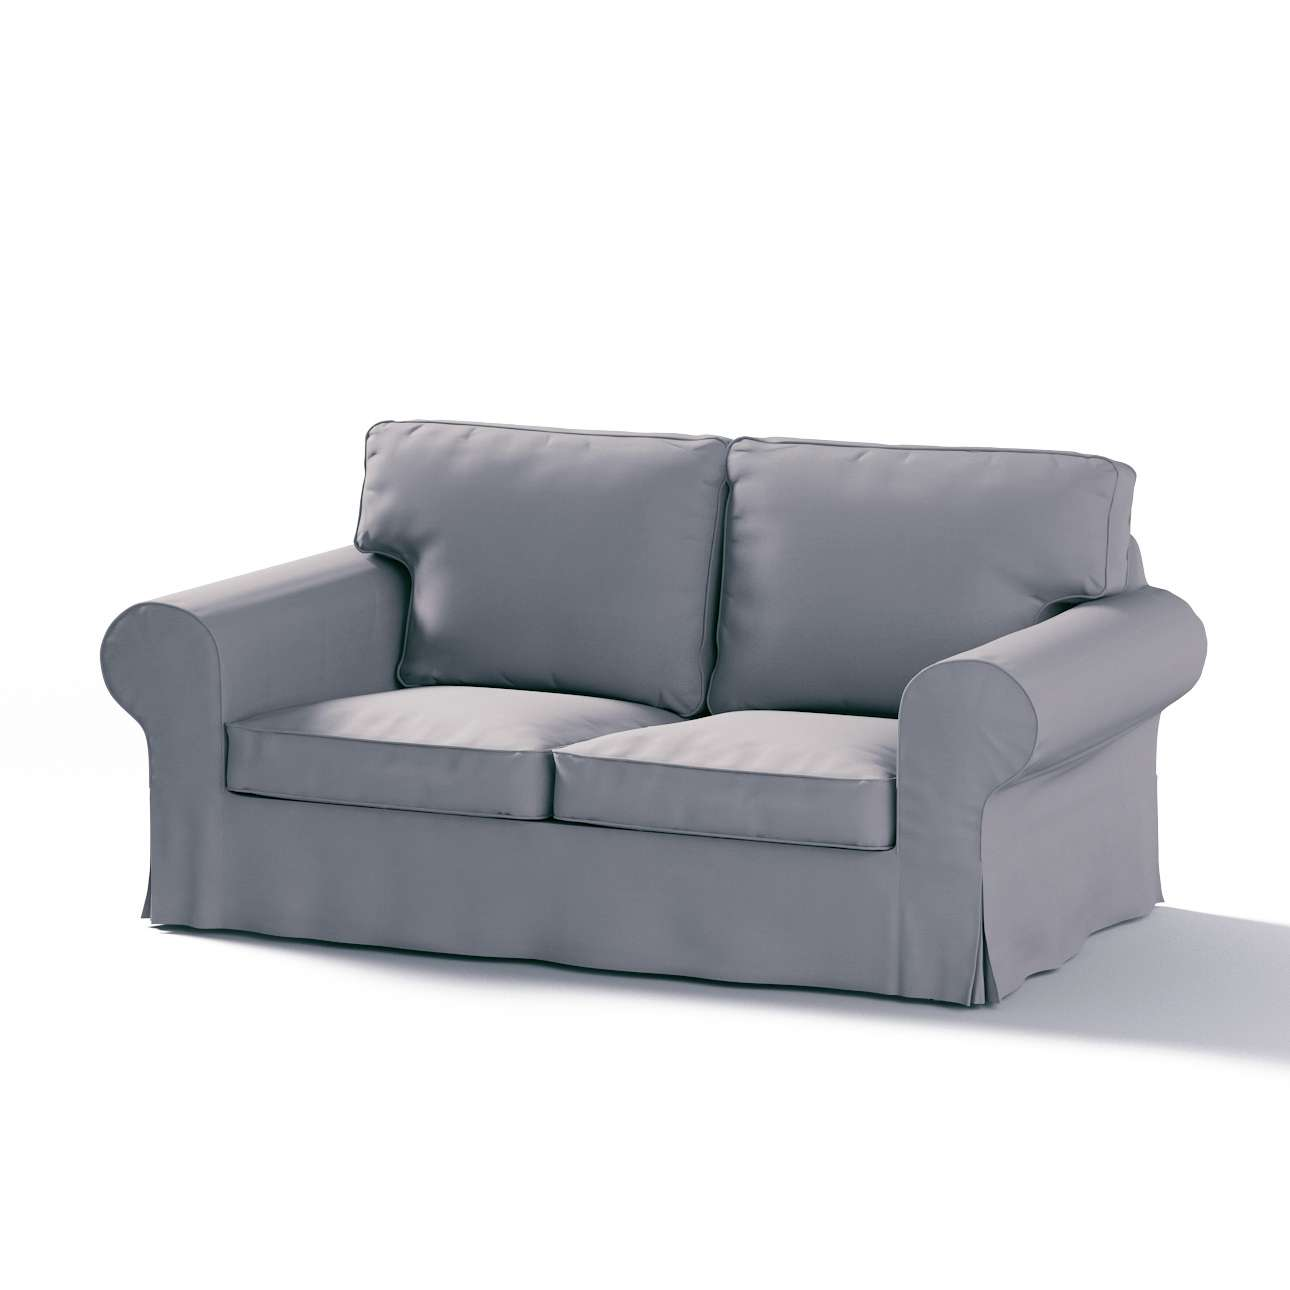 Potah na pohovku IKEA Ektorp 2-místná rozkládací  NOVÝ MODEL 2012 Ektorp 2012 v kolekci Cotton Panama, látka: 702-07